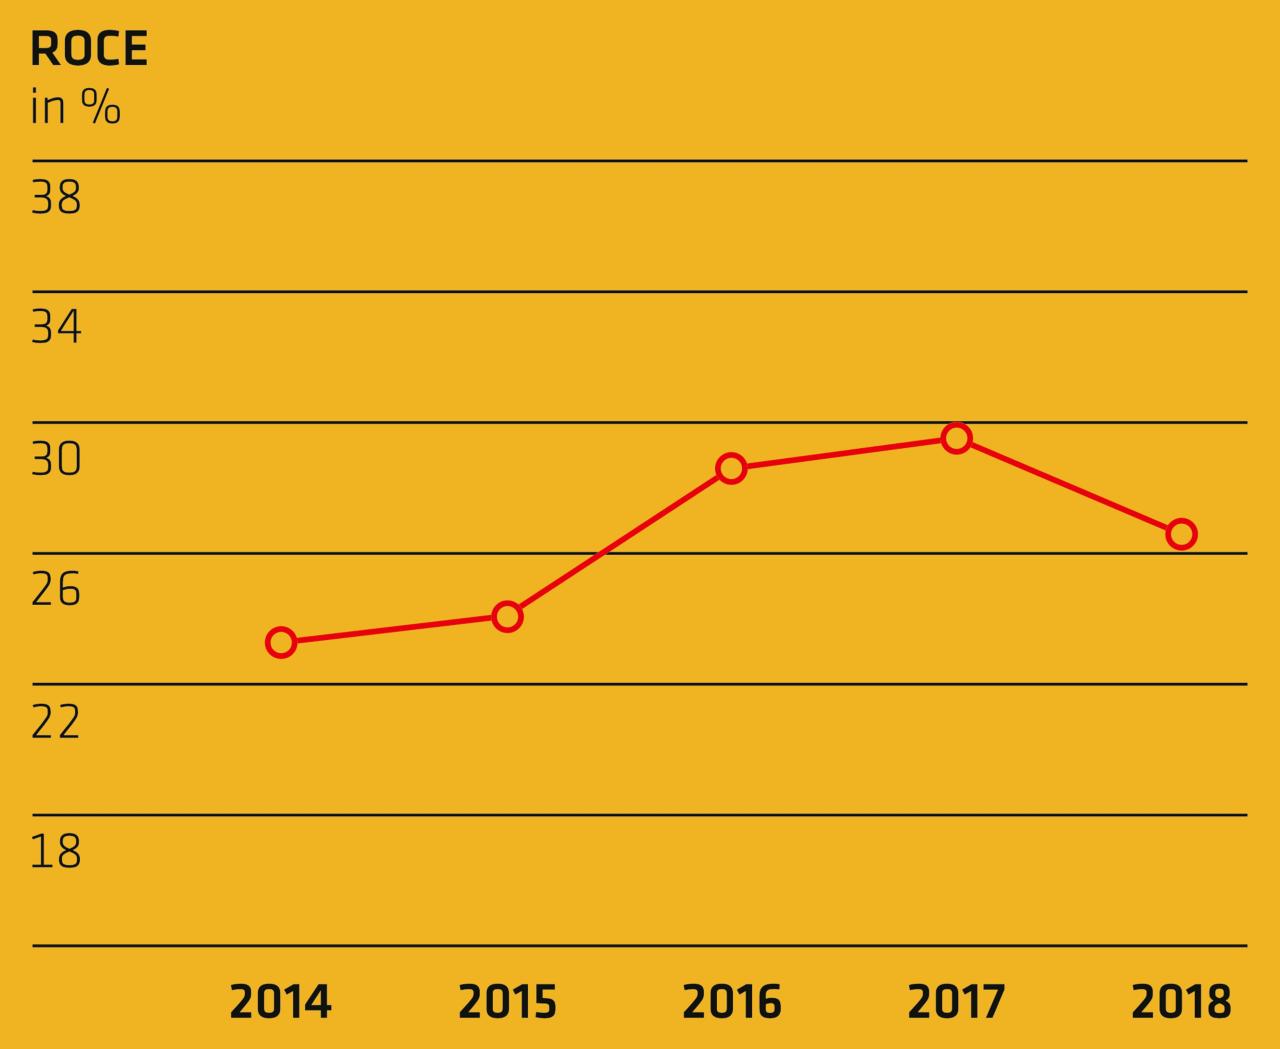 ROCE - Annual Report 2018